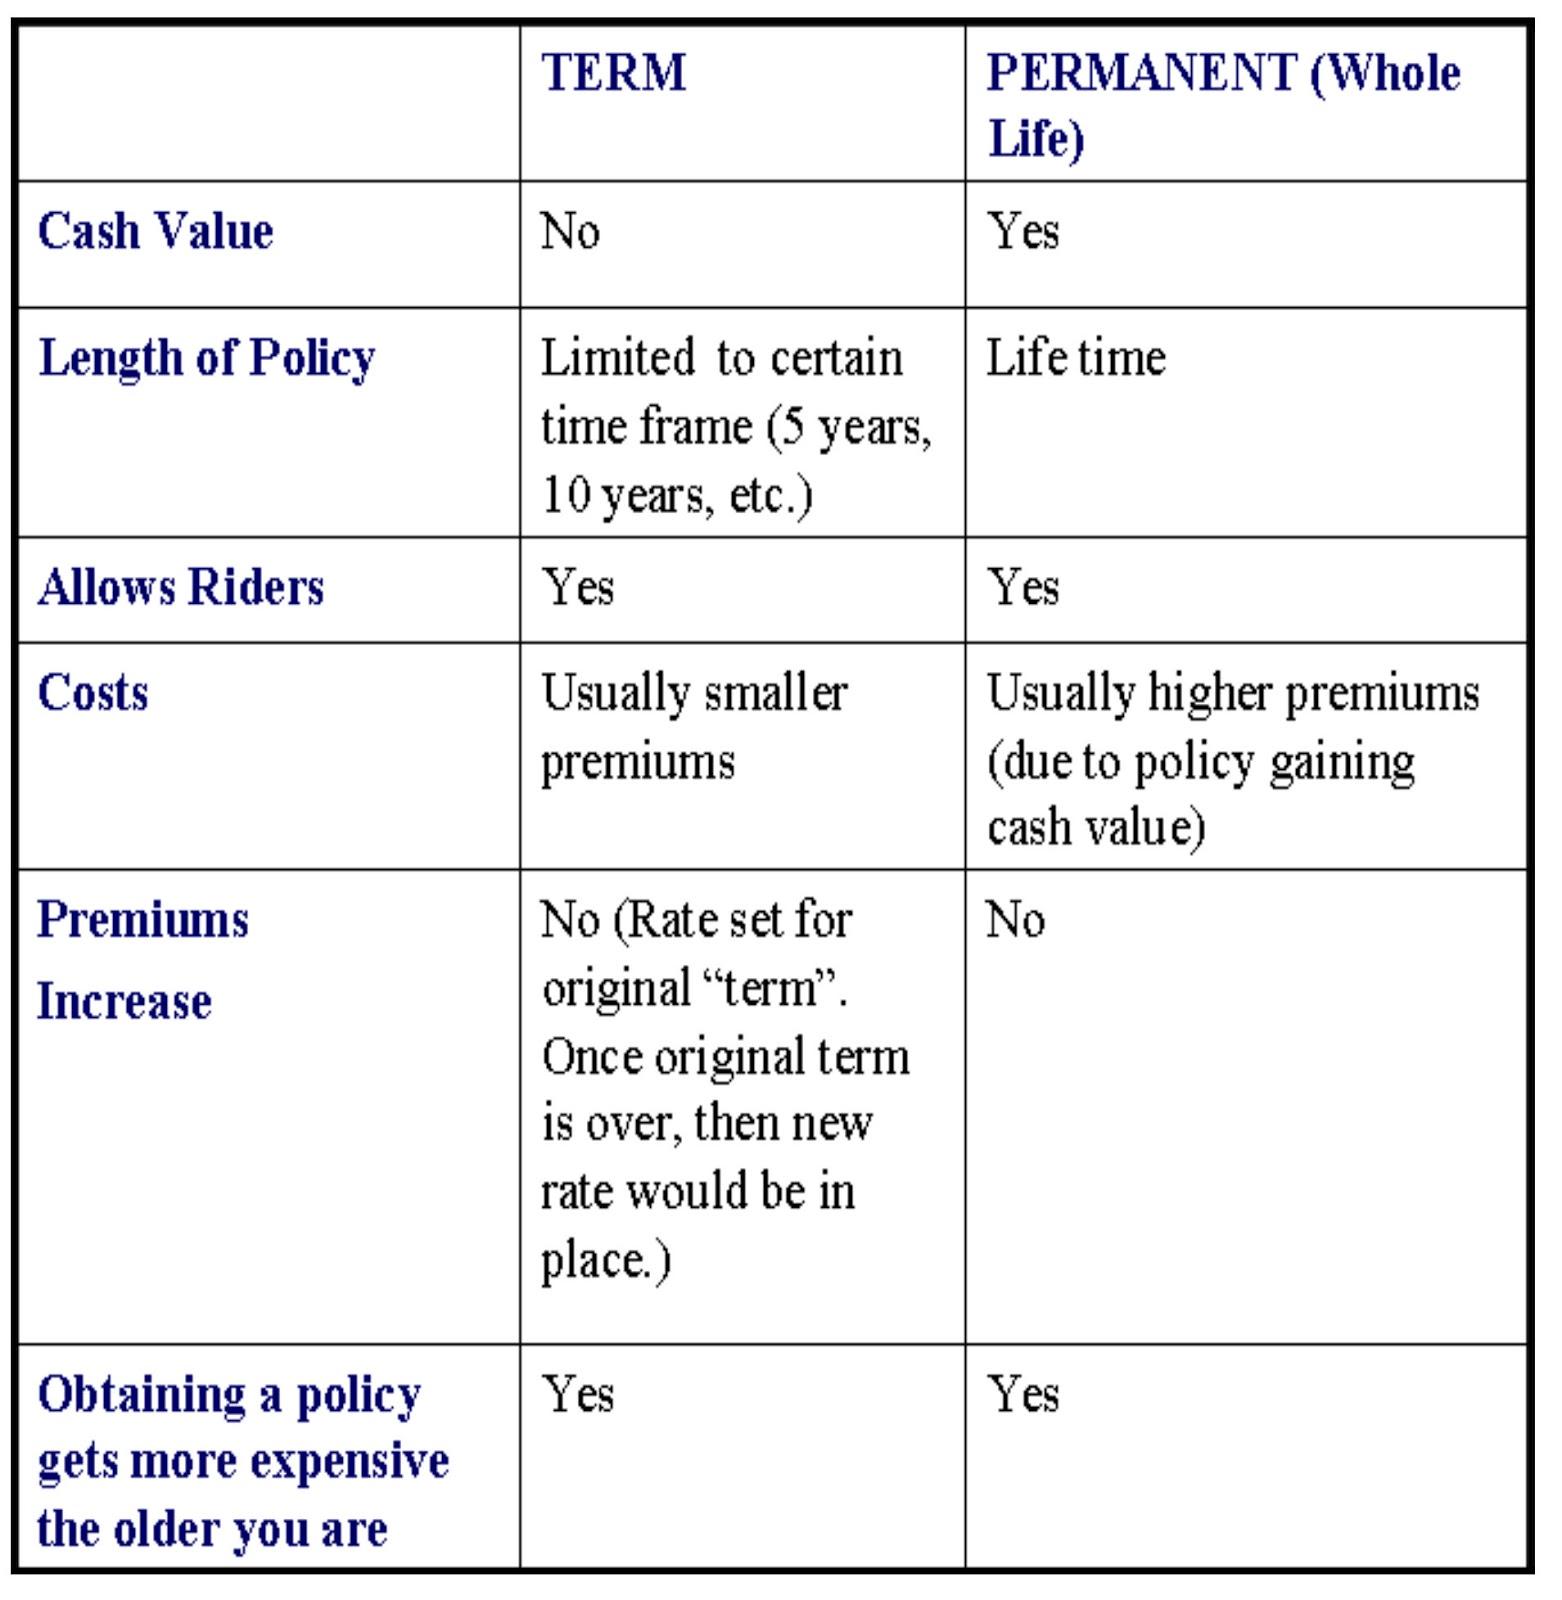 Term Life Insurance Quote Calculator 2: American Life Insurance Company Alico Saudi Arabia